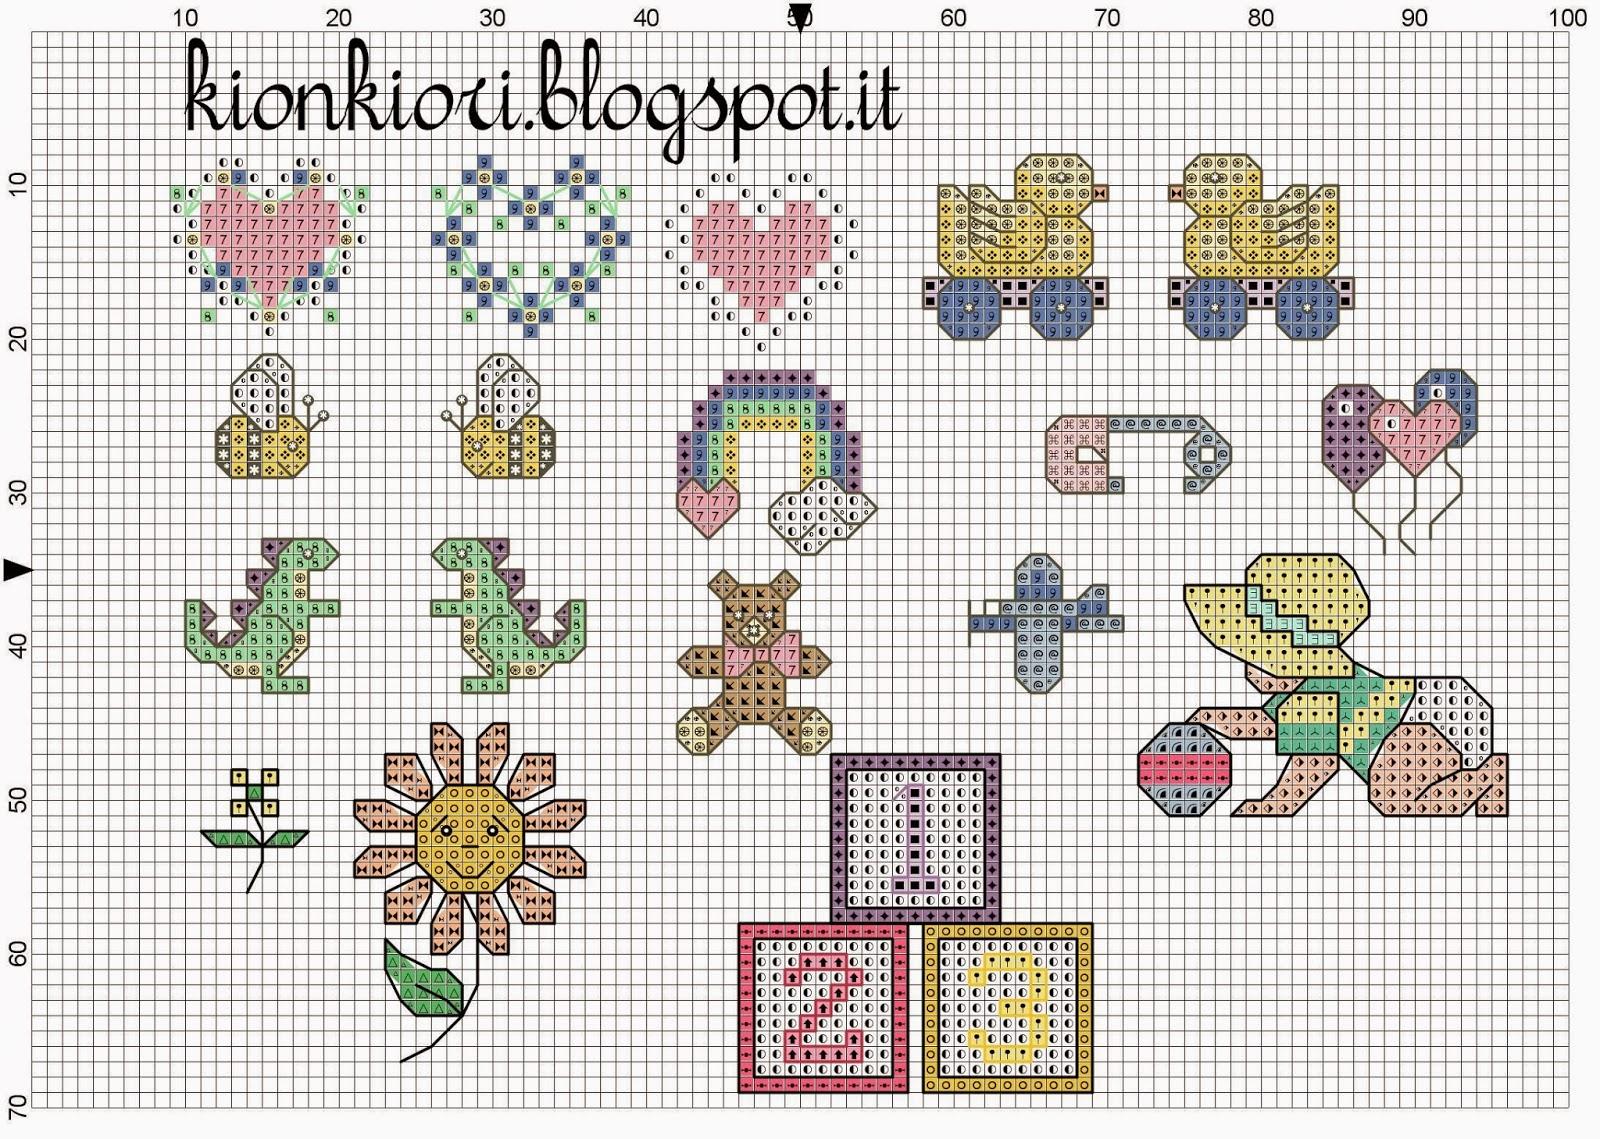 Kionkiori punto croce lucia e le decorazioni dei bavaglini for Disegni punto croce per bavaglini